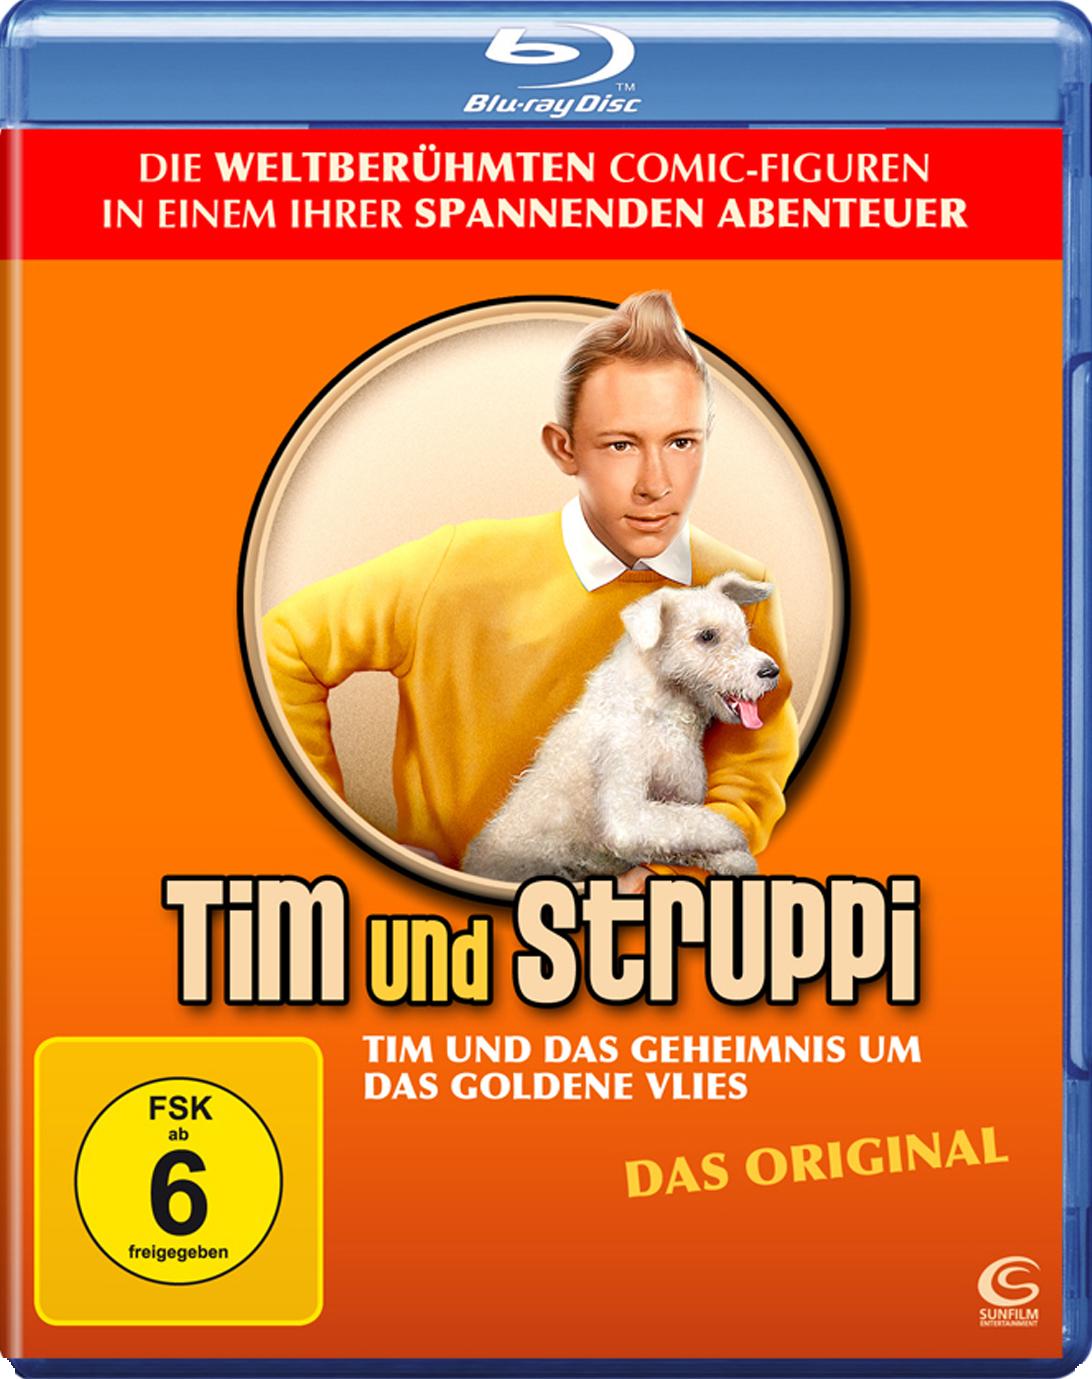 Tim Und Struppi Vol.15: König Ottokars Zepter Back Cover www.bet365.com login bet365 mobil au